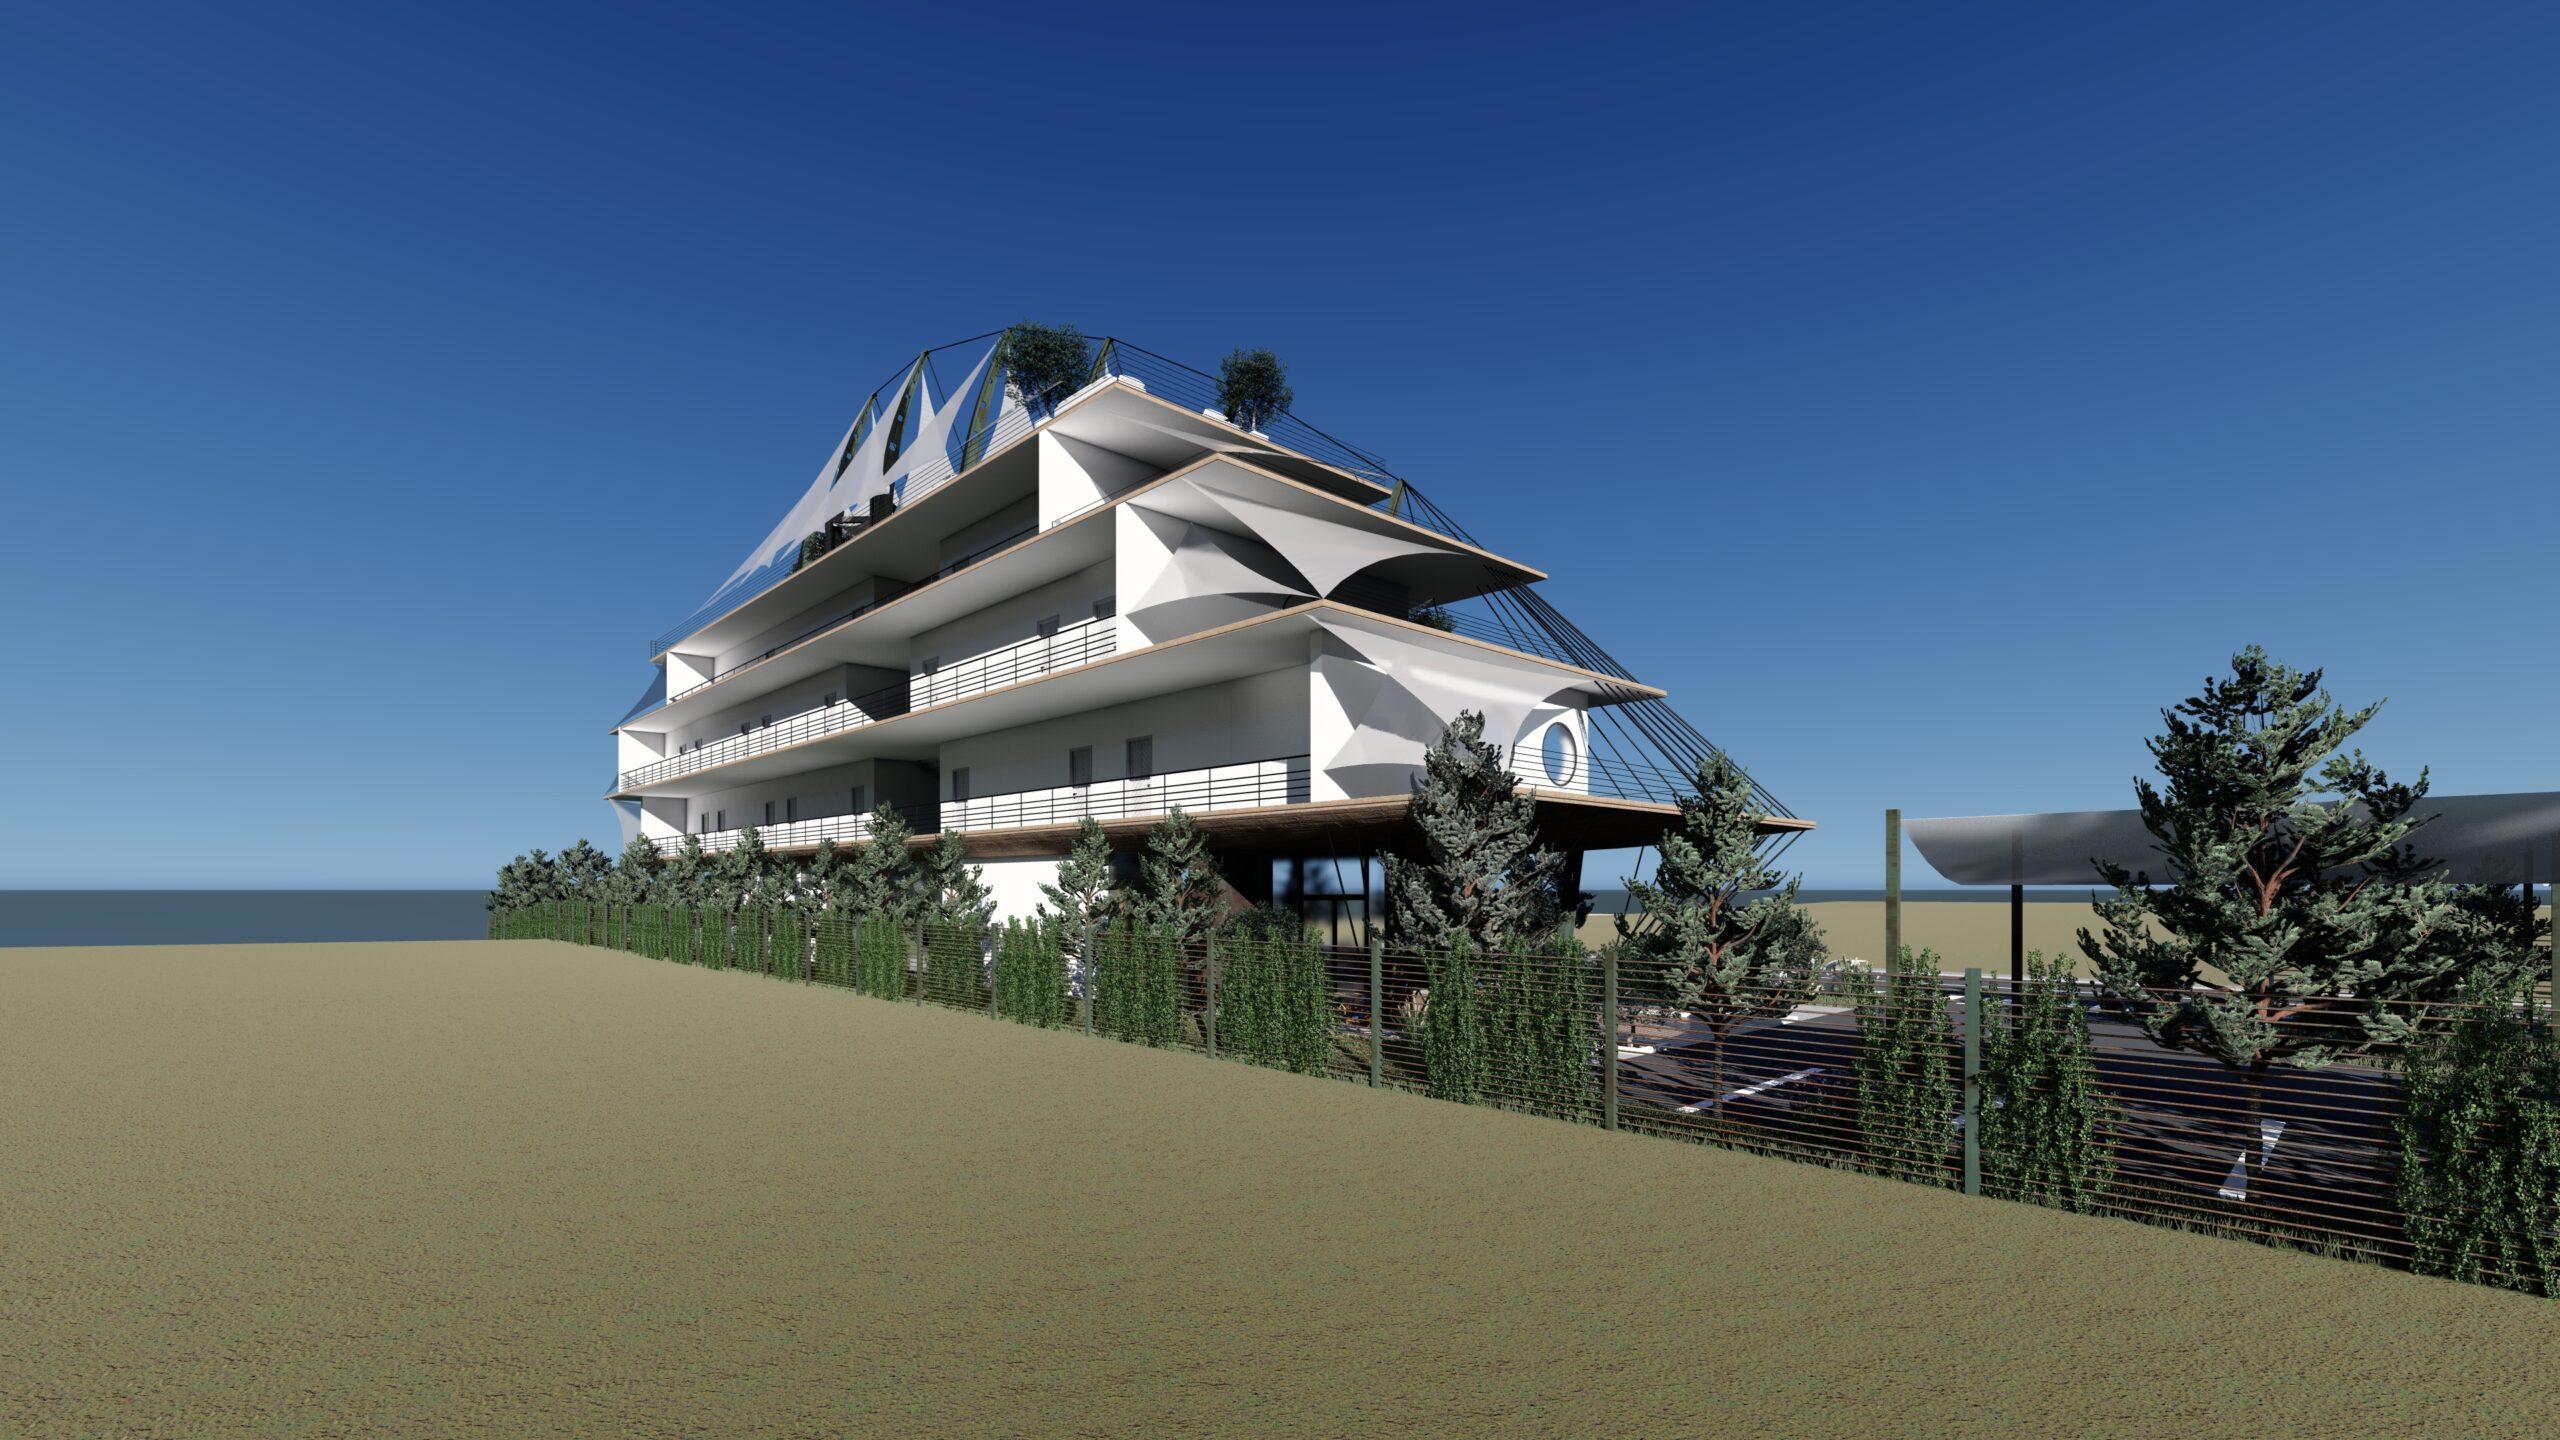 Elaborare plan urbanistic zonal și regulament local de urbanism aferent în vederea construirii unor imobile cu funcțiune de locuire și cazare turistică